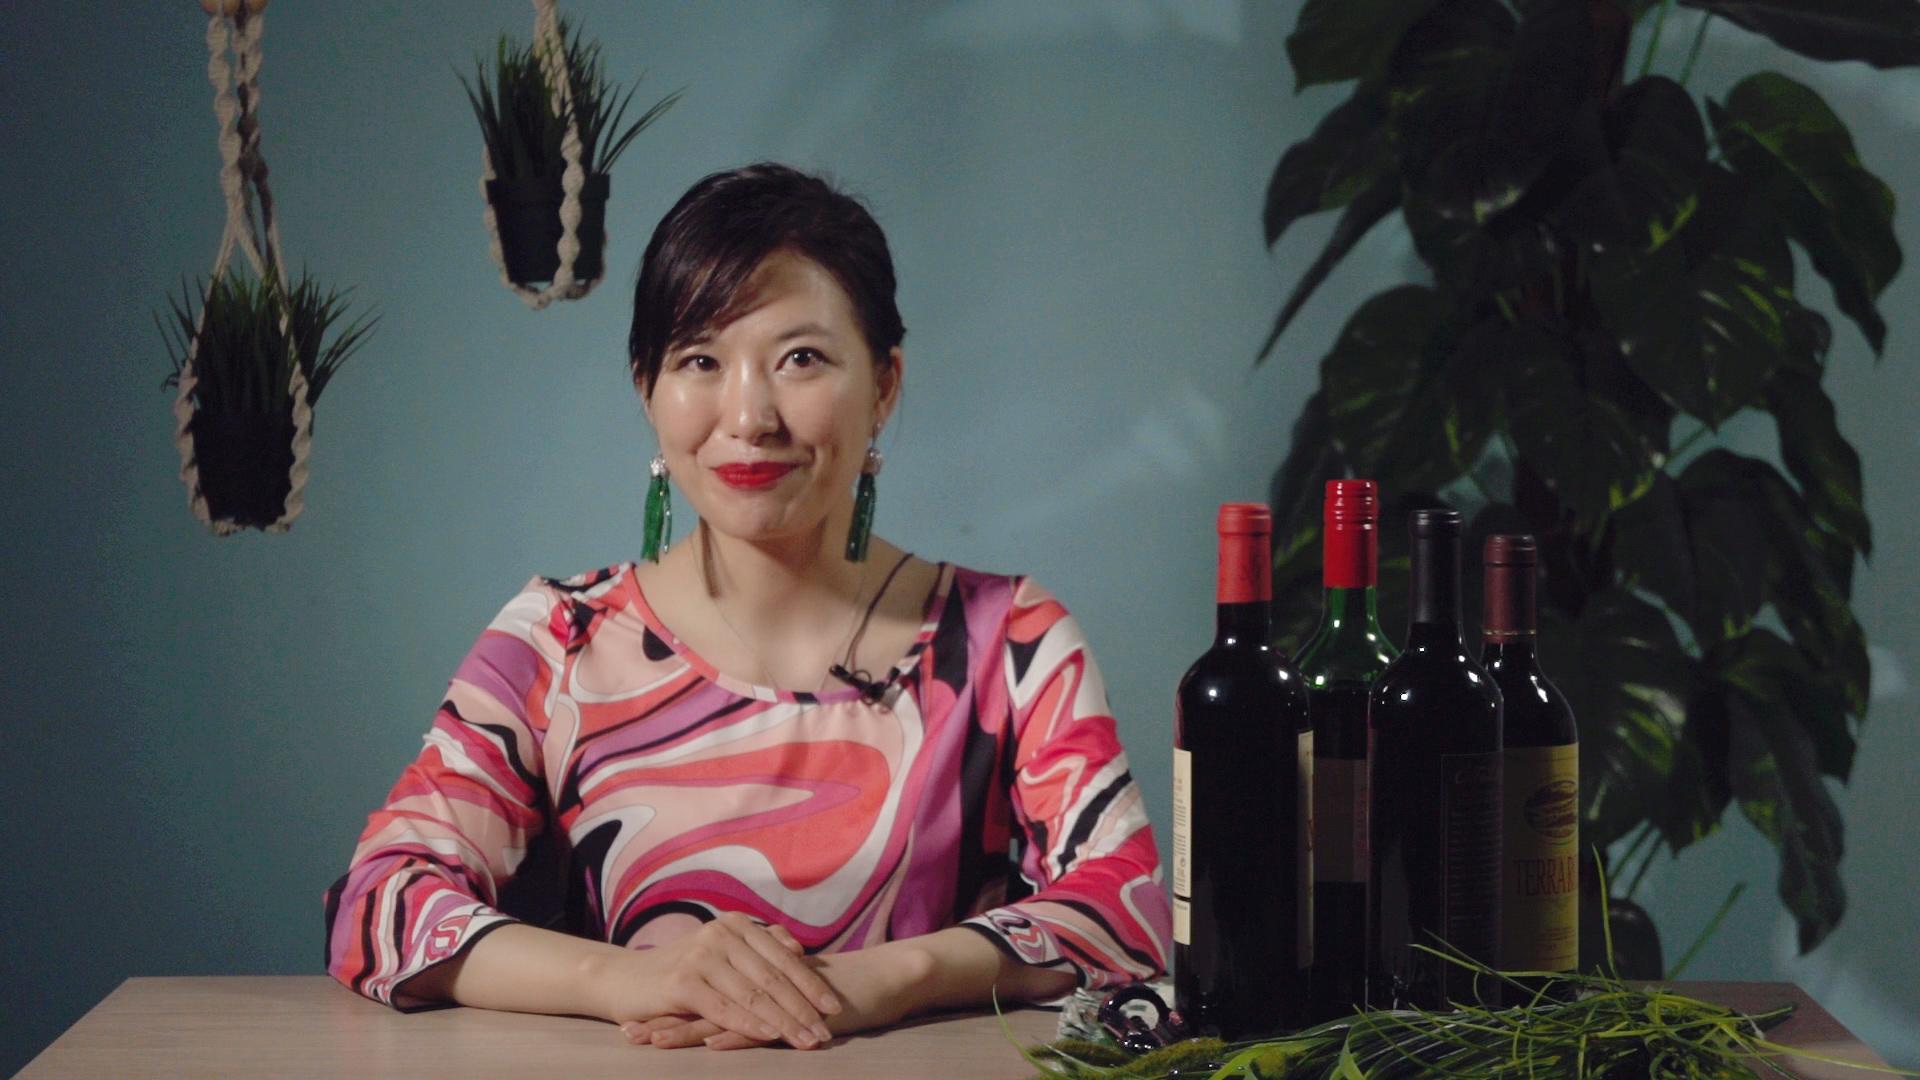 【Deluxe】Stacey的葡萄酒世界 - 常見釀酒葡萄品種 法國VS澳洲產的長相思白干葡萄酒